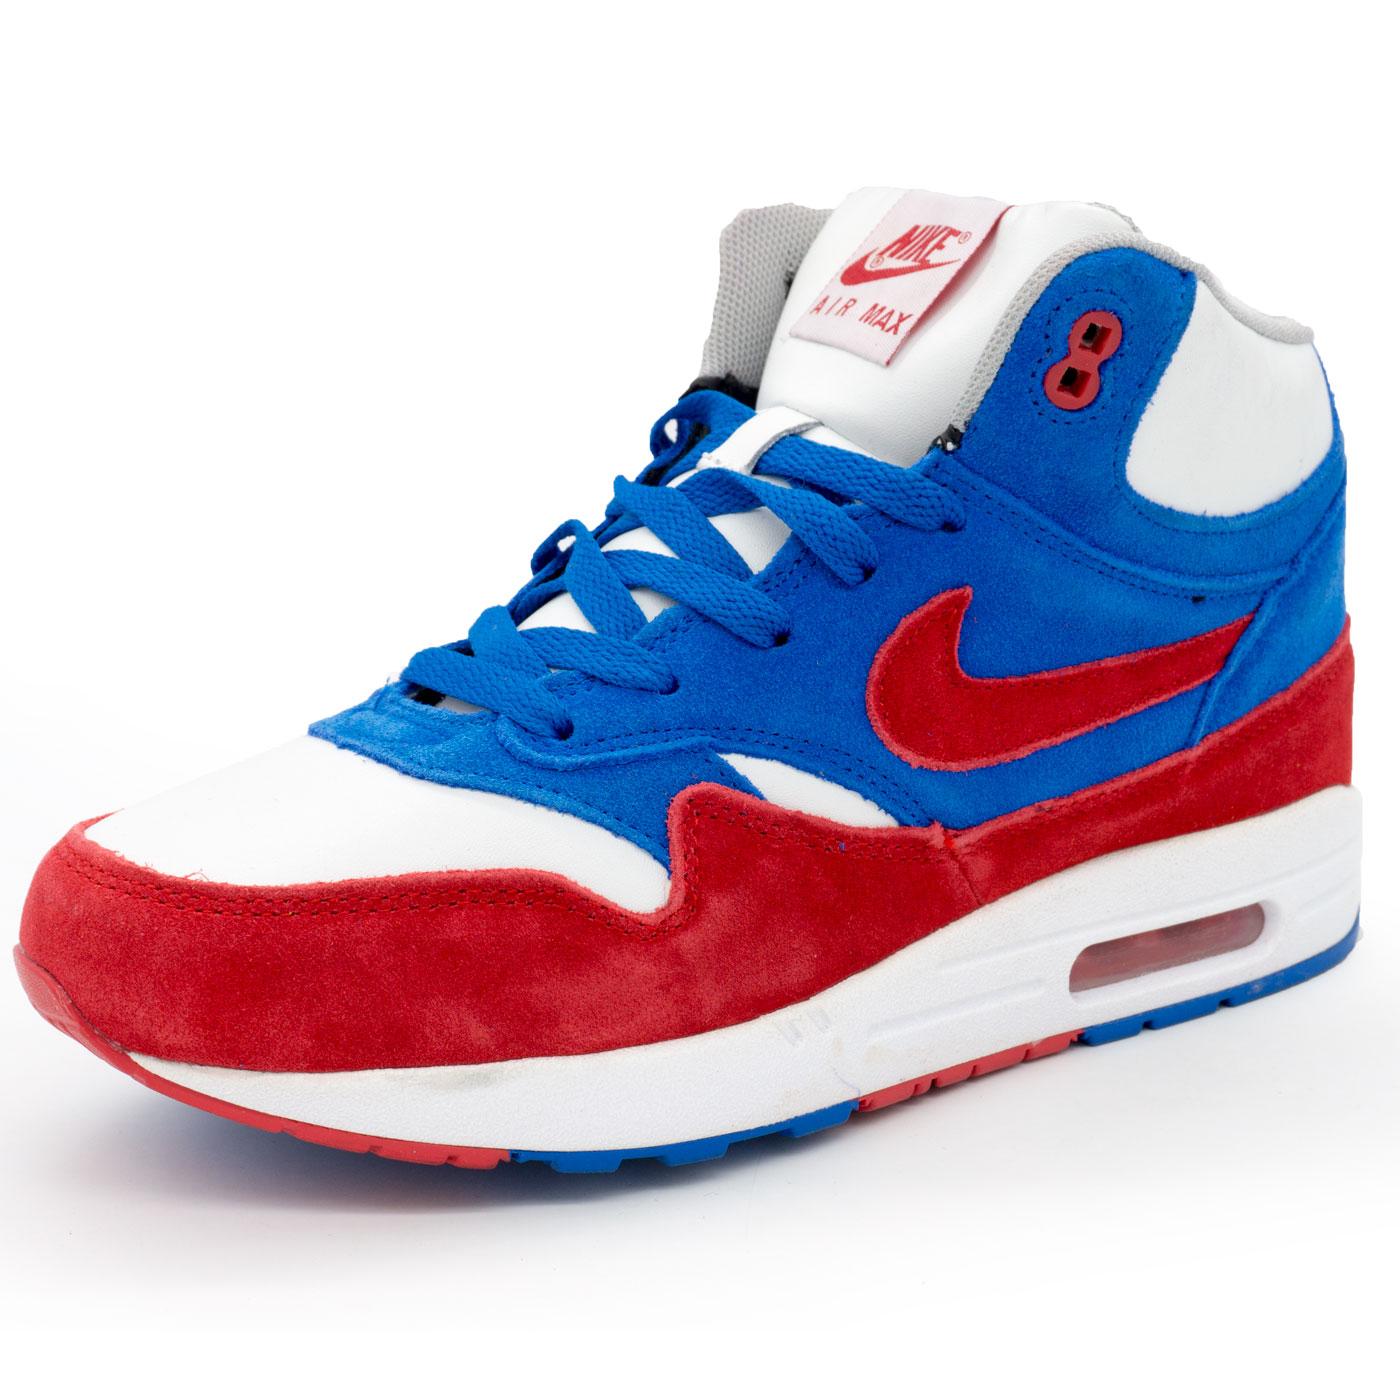 фото main Зимние кроссовки Nike air max 87 бело с мехом бело-сине-красные main